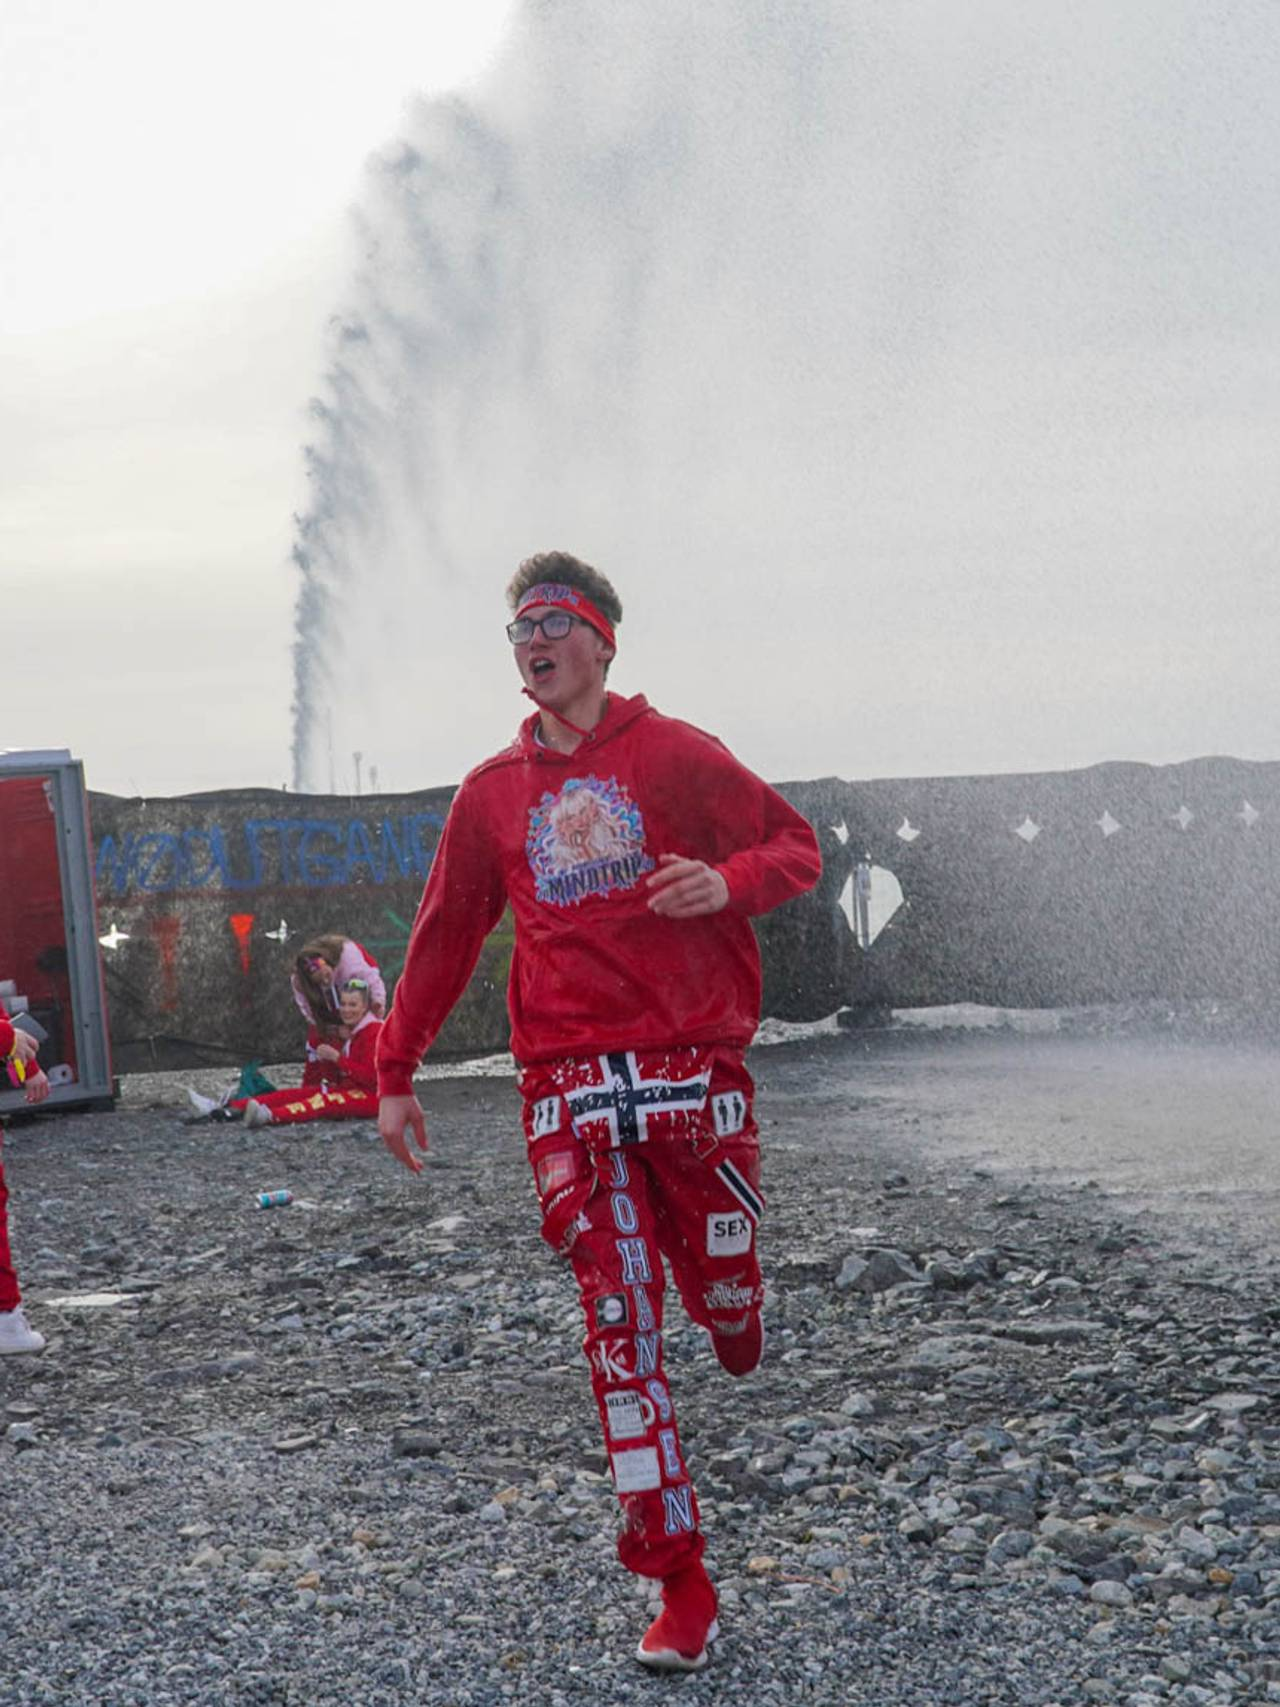 Russ blir døpt på Langstranda i Bodø i mai 2021 av redningsskøyta.